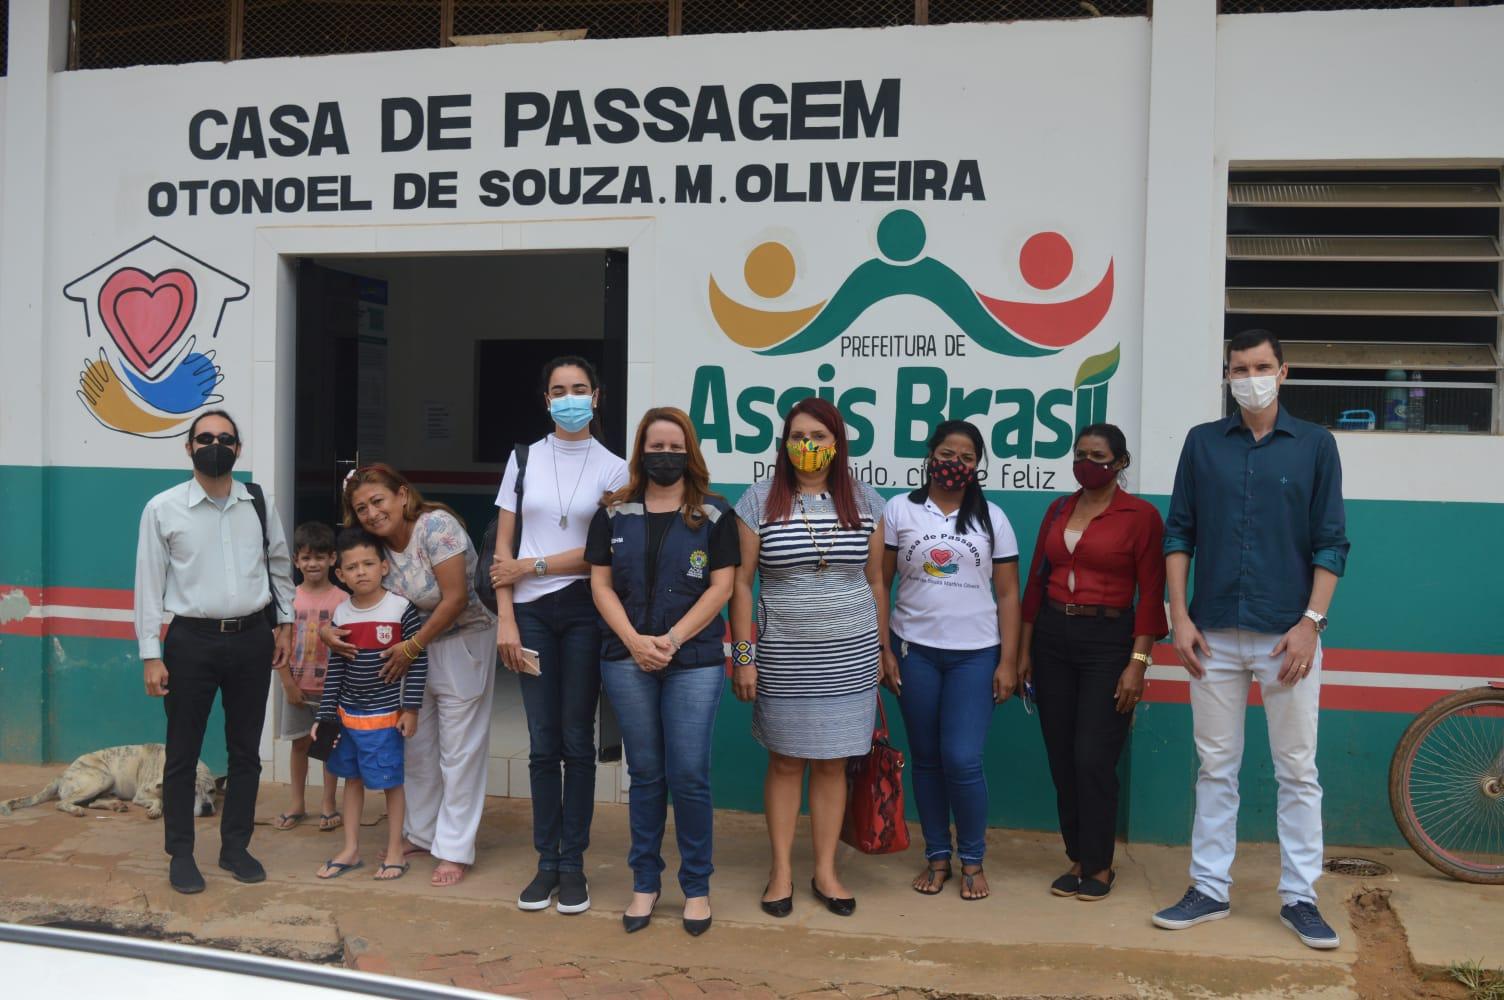 Governo presta visita a casa de passagem em Assis Brasil